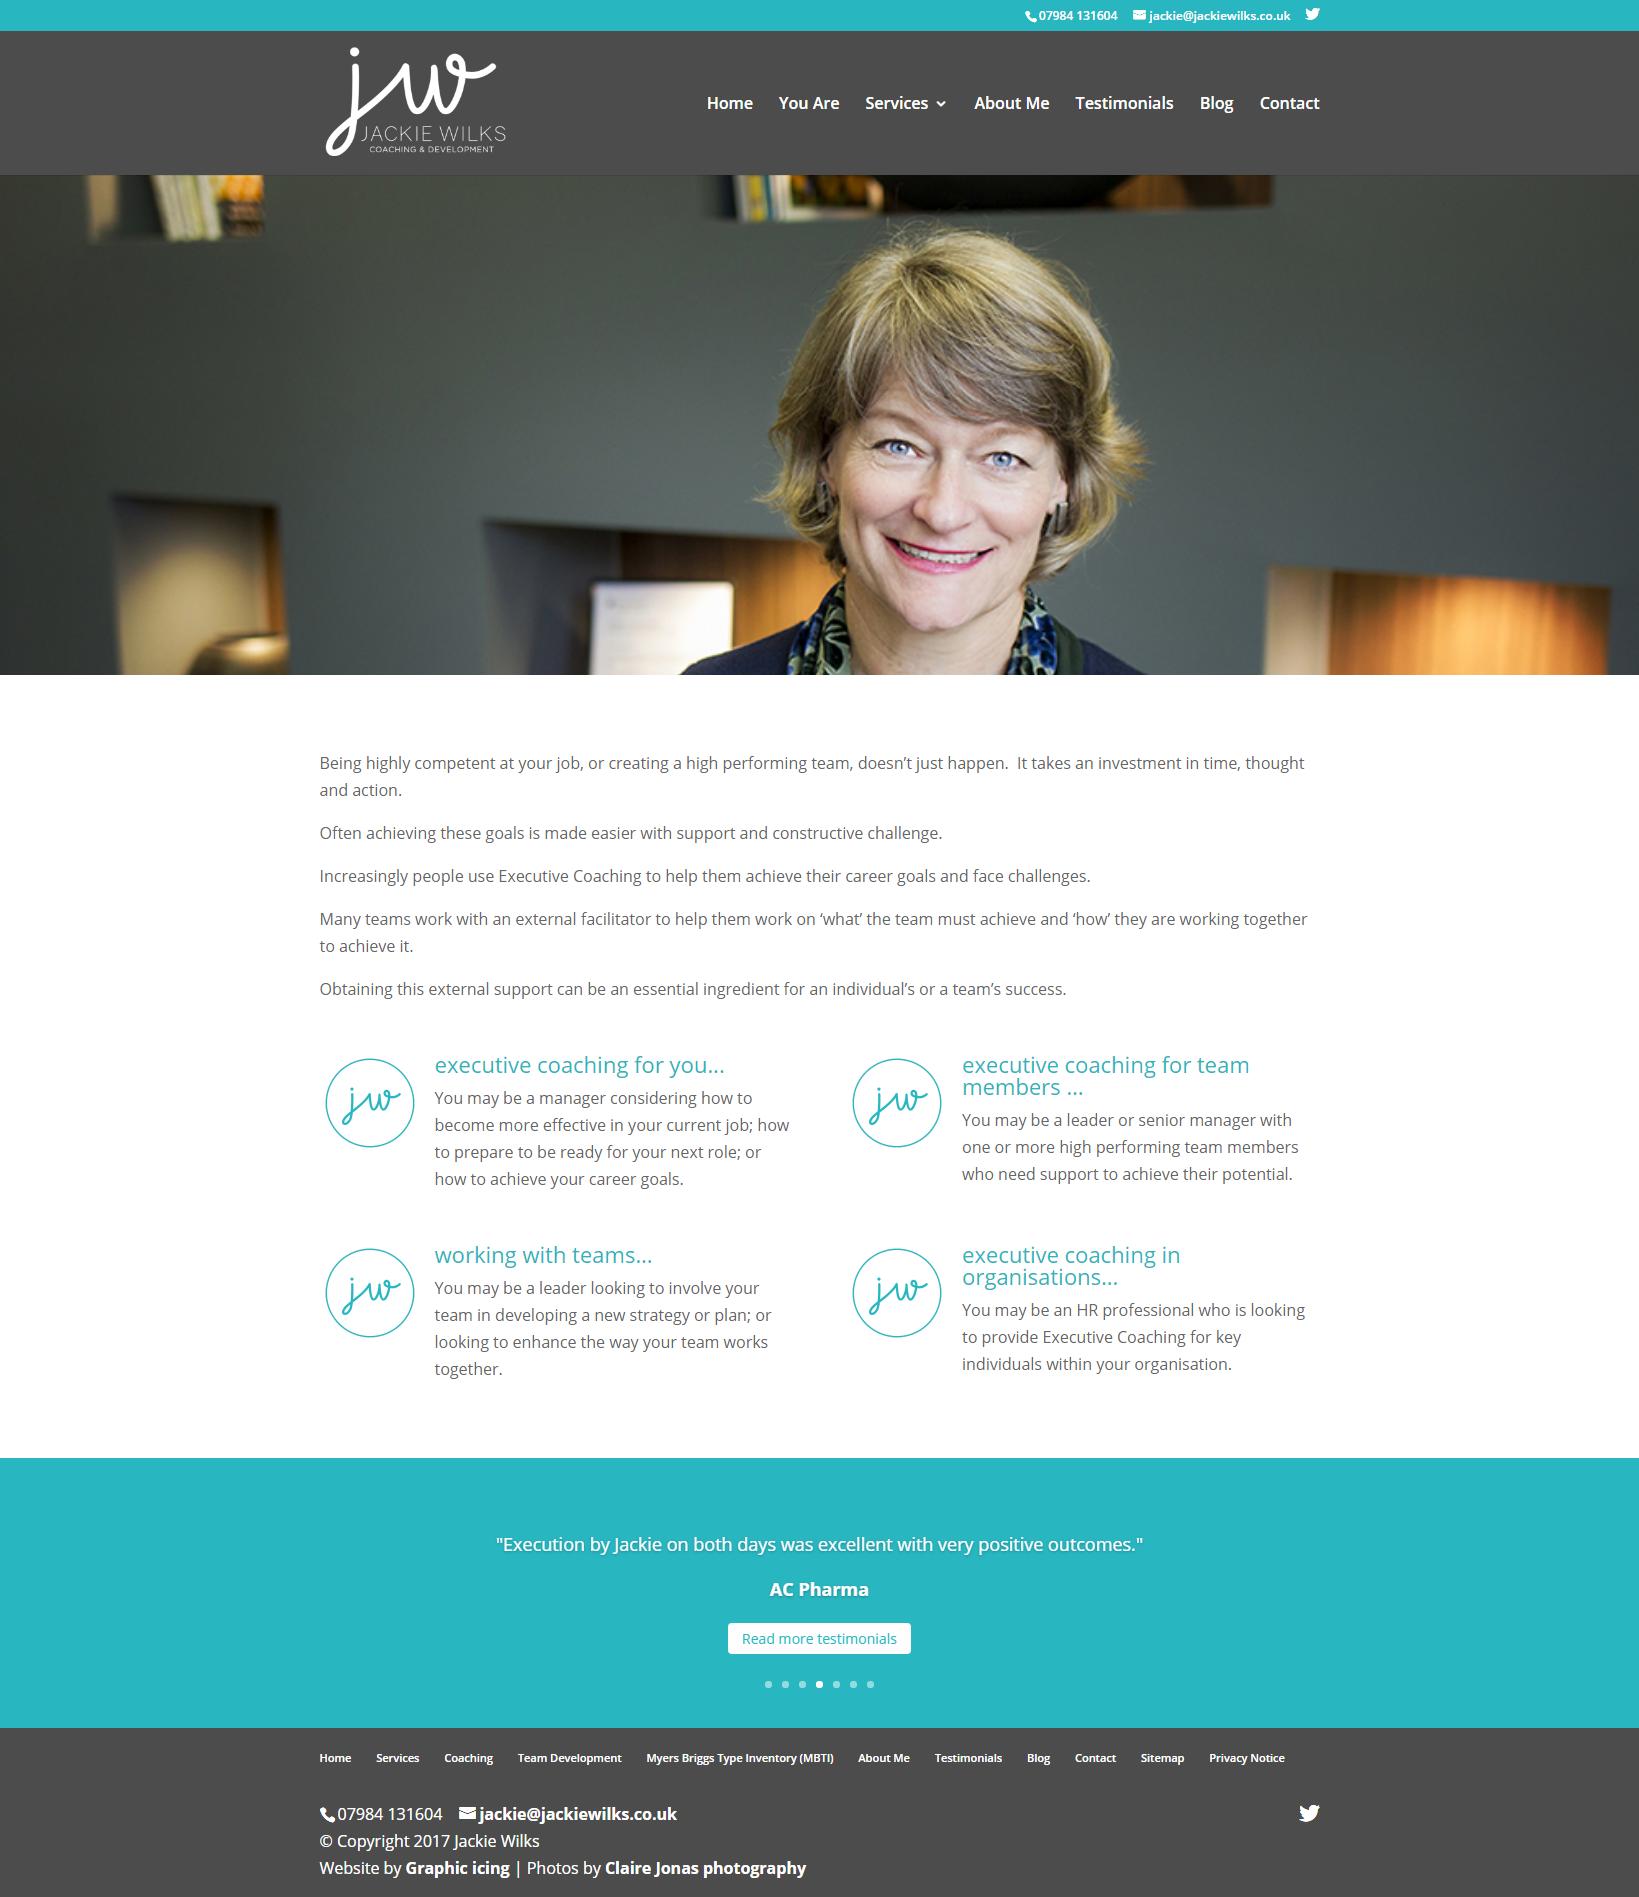 Jackie Wilks Website design